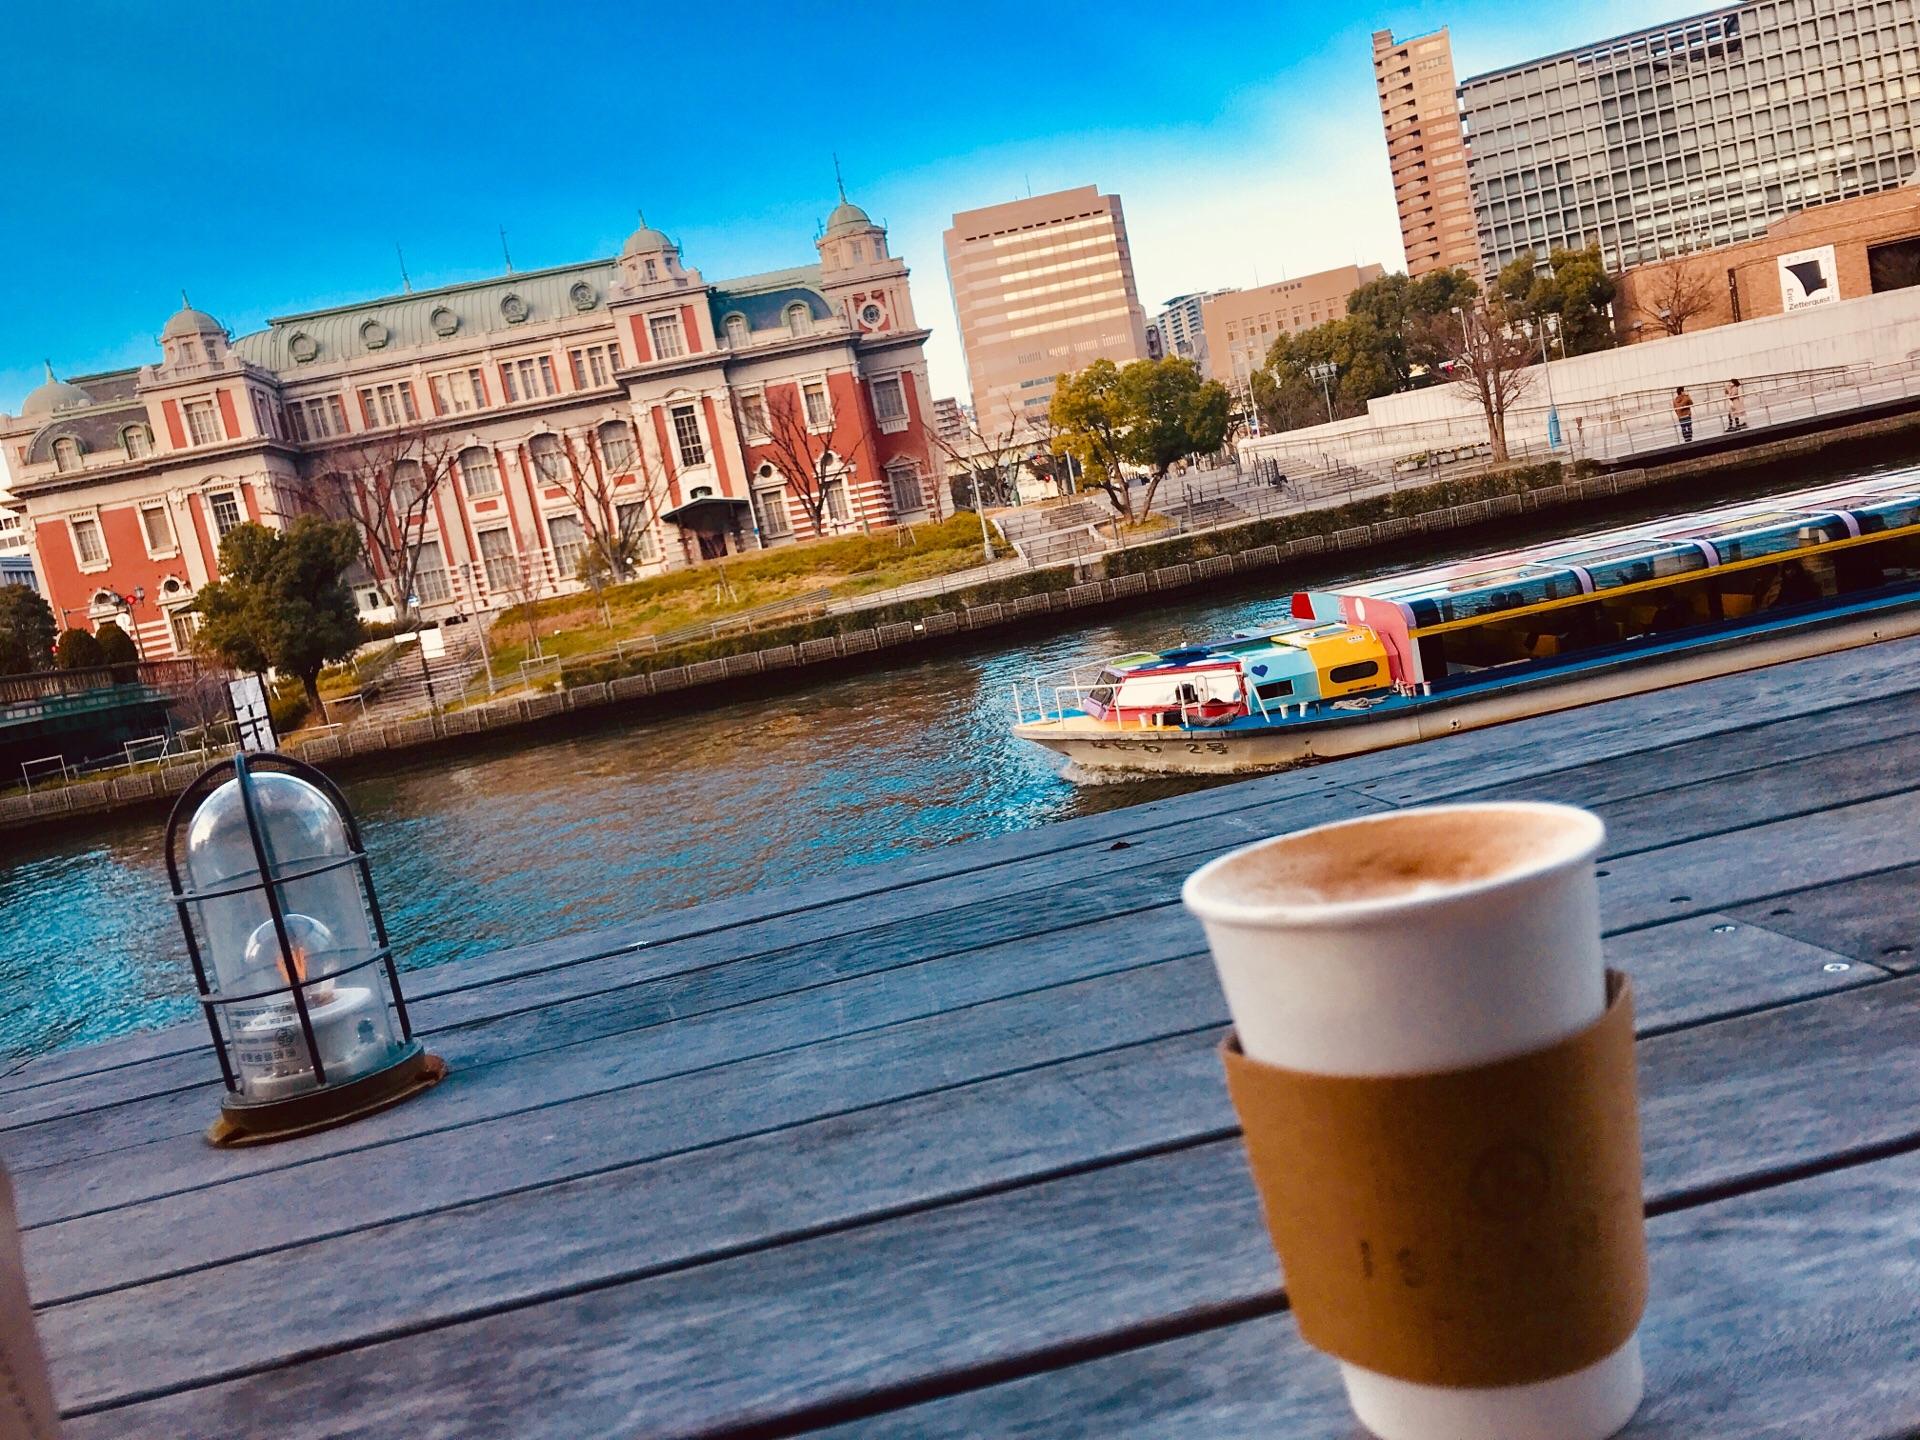 大阪・人気エリア「北浜」の注目カフェ❤︎川沿いでテラスからの眺めが最高なんです♡_1